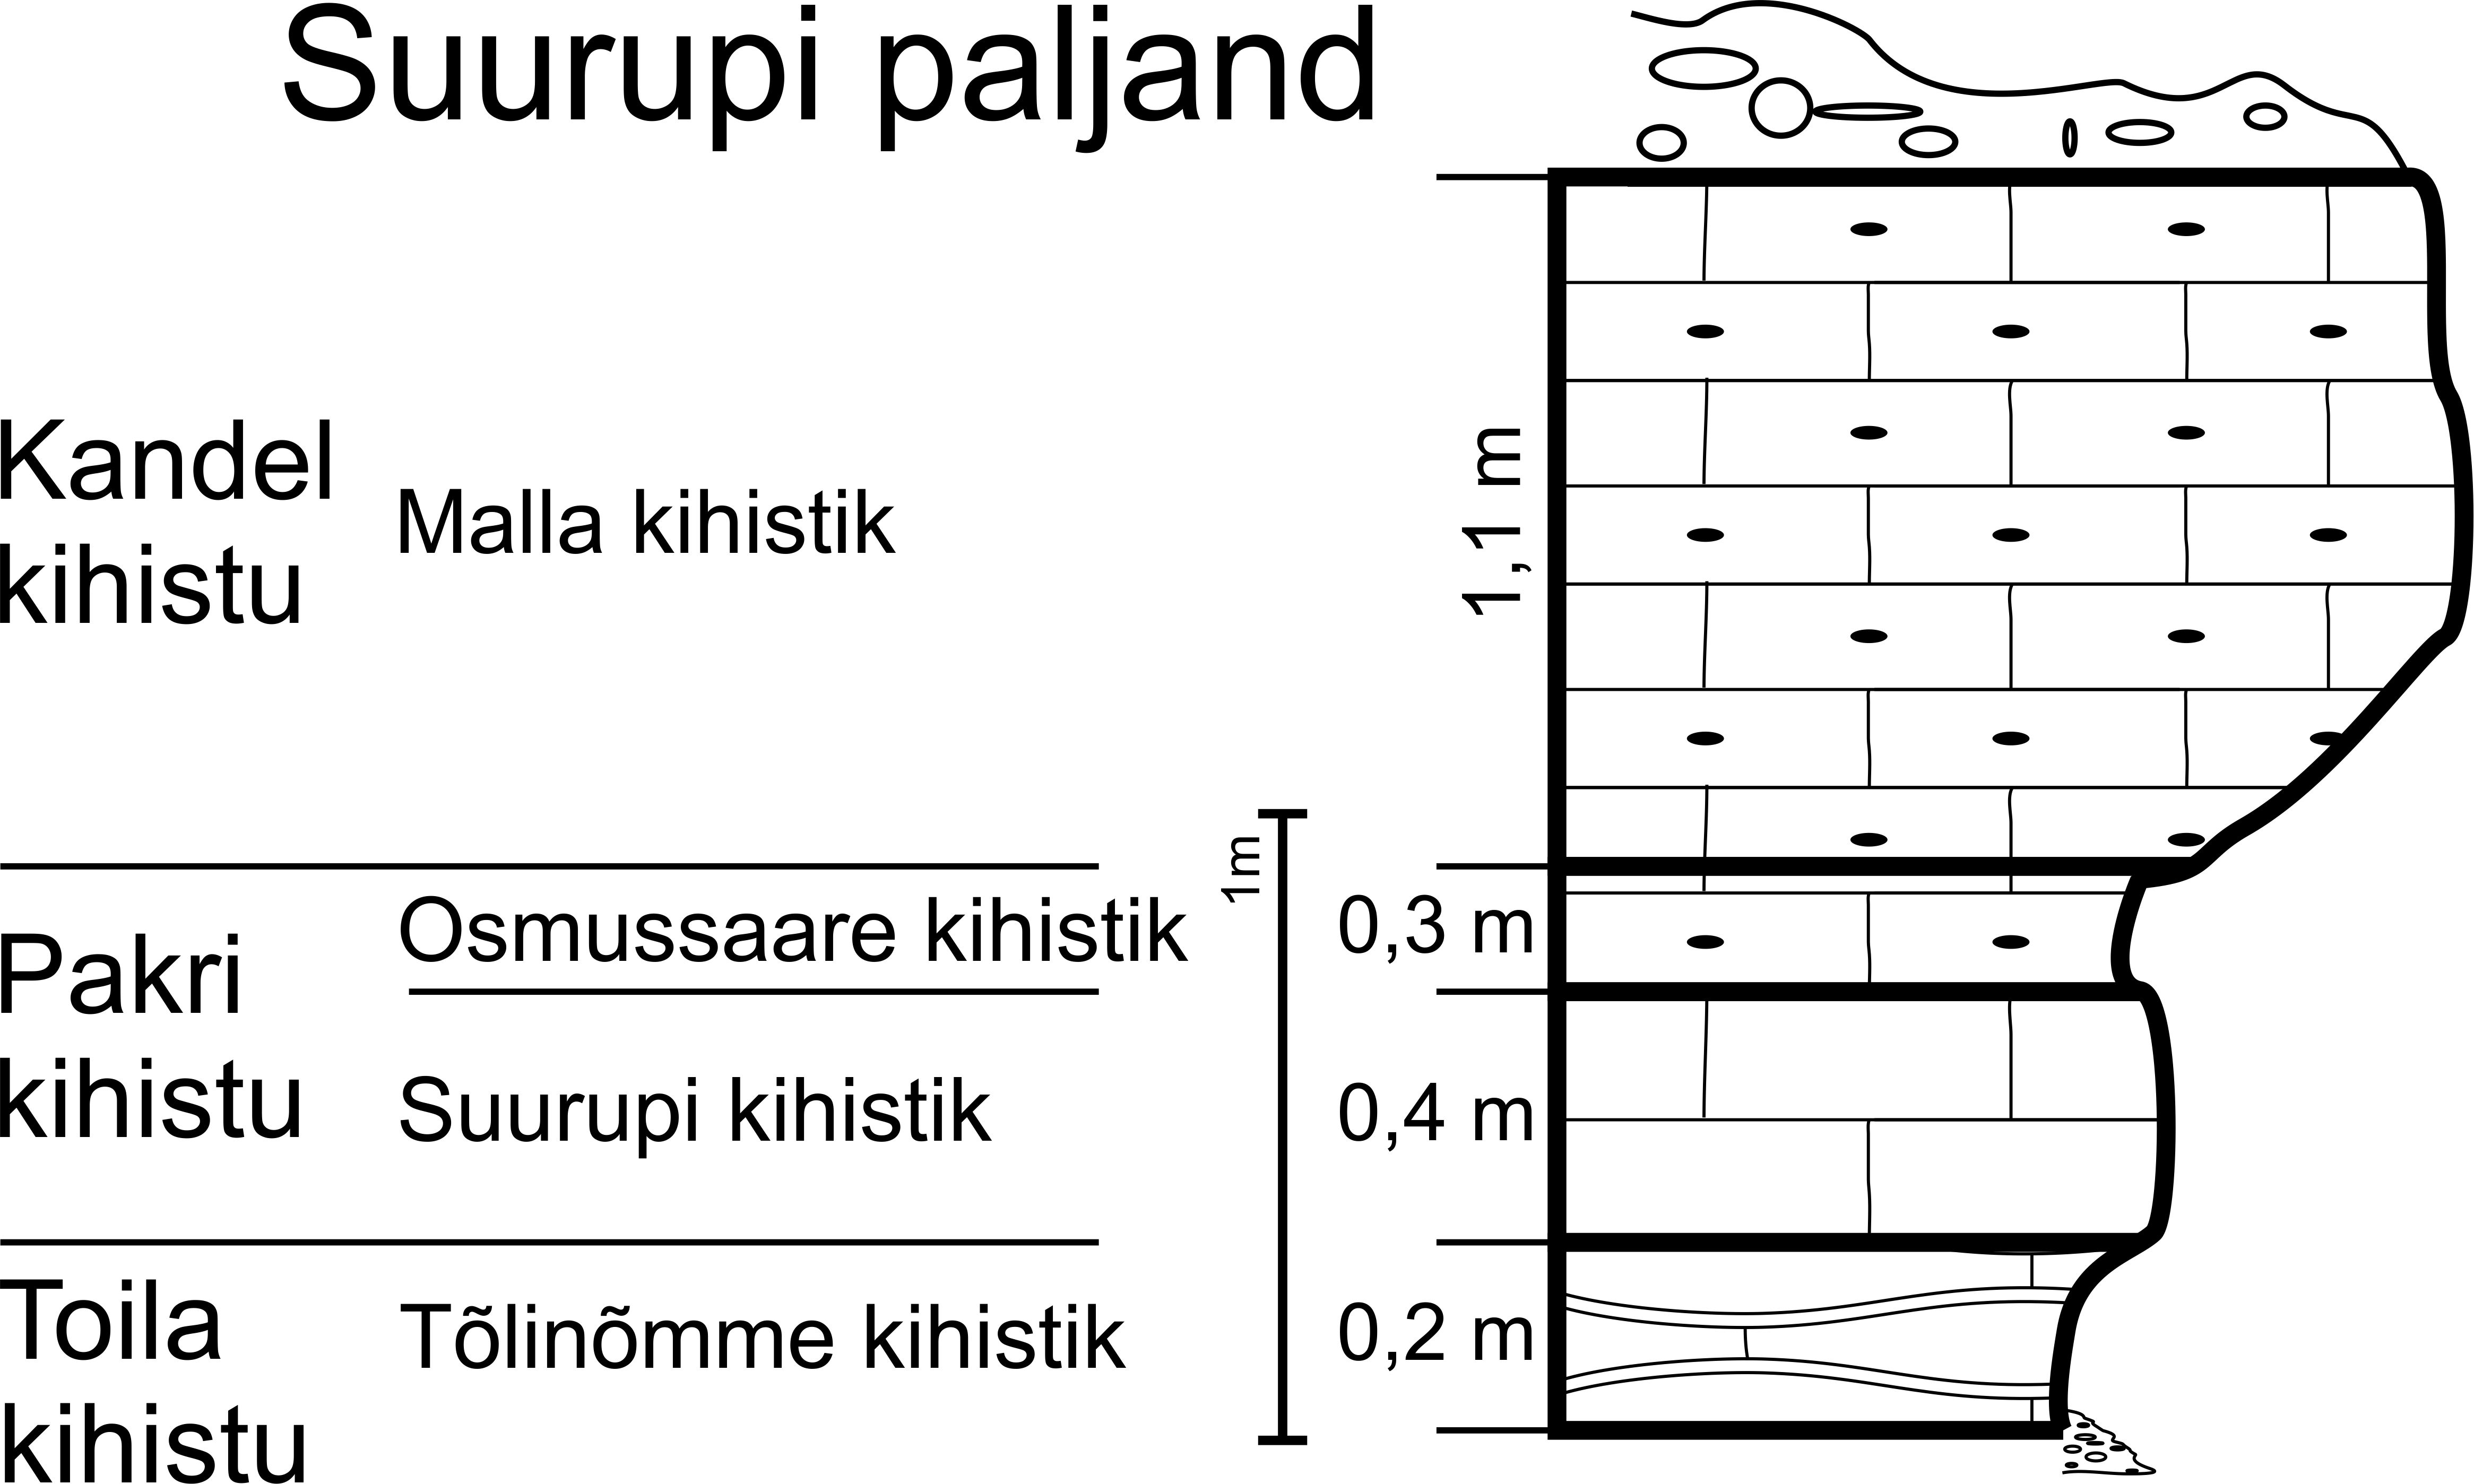 Suurupi paljandi läbilõige, 2012. (joonis: Paiste T.)